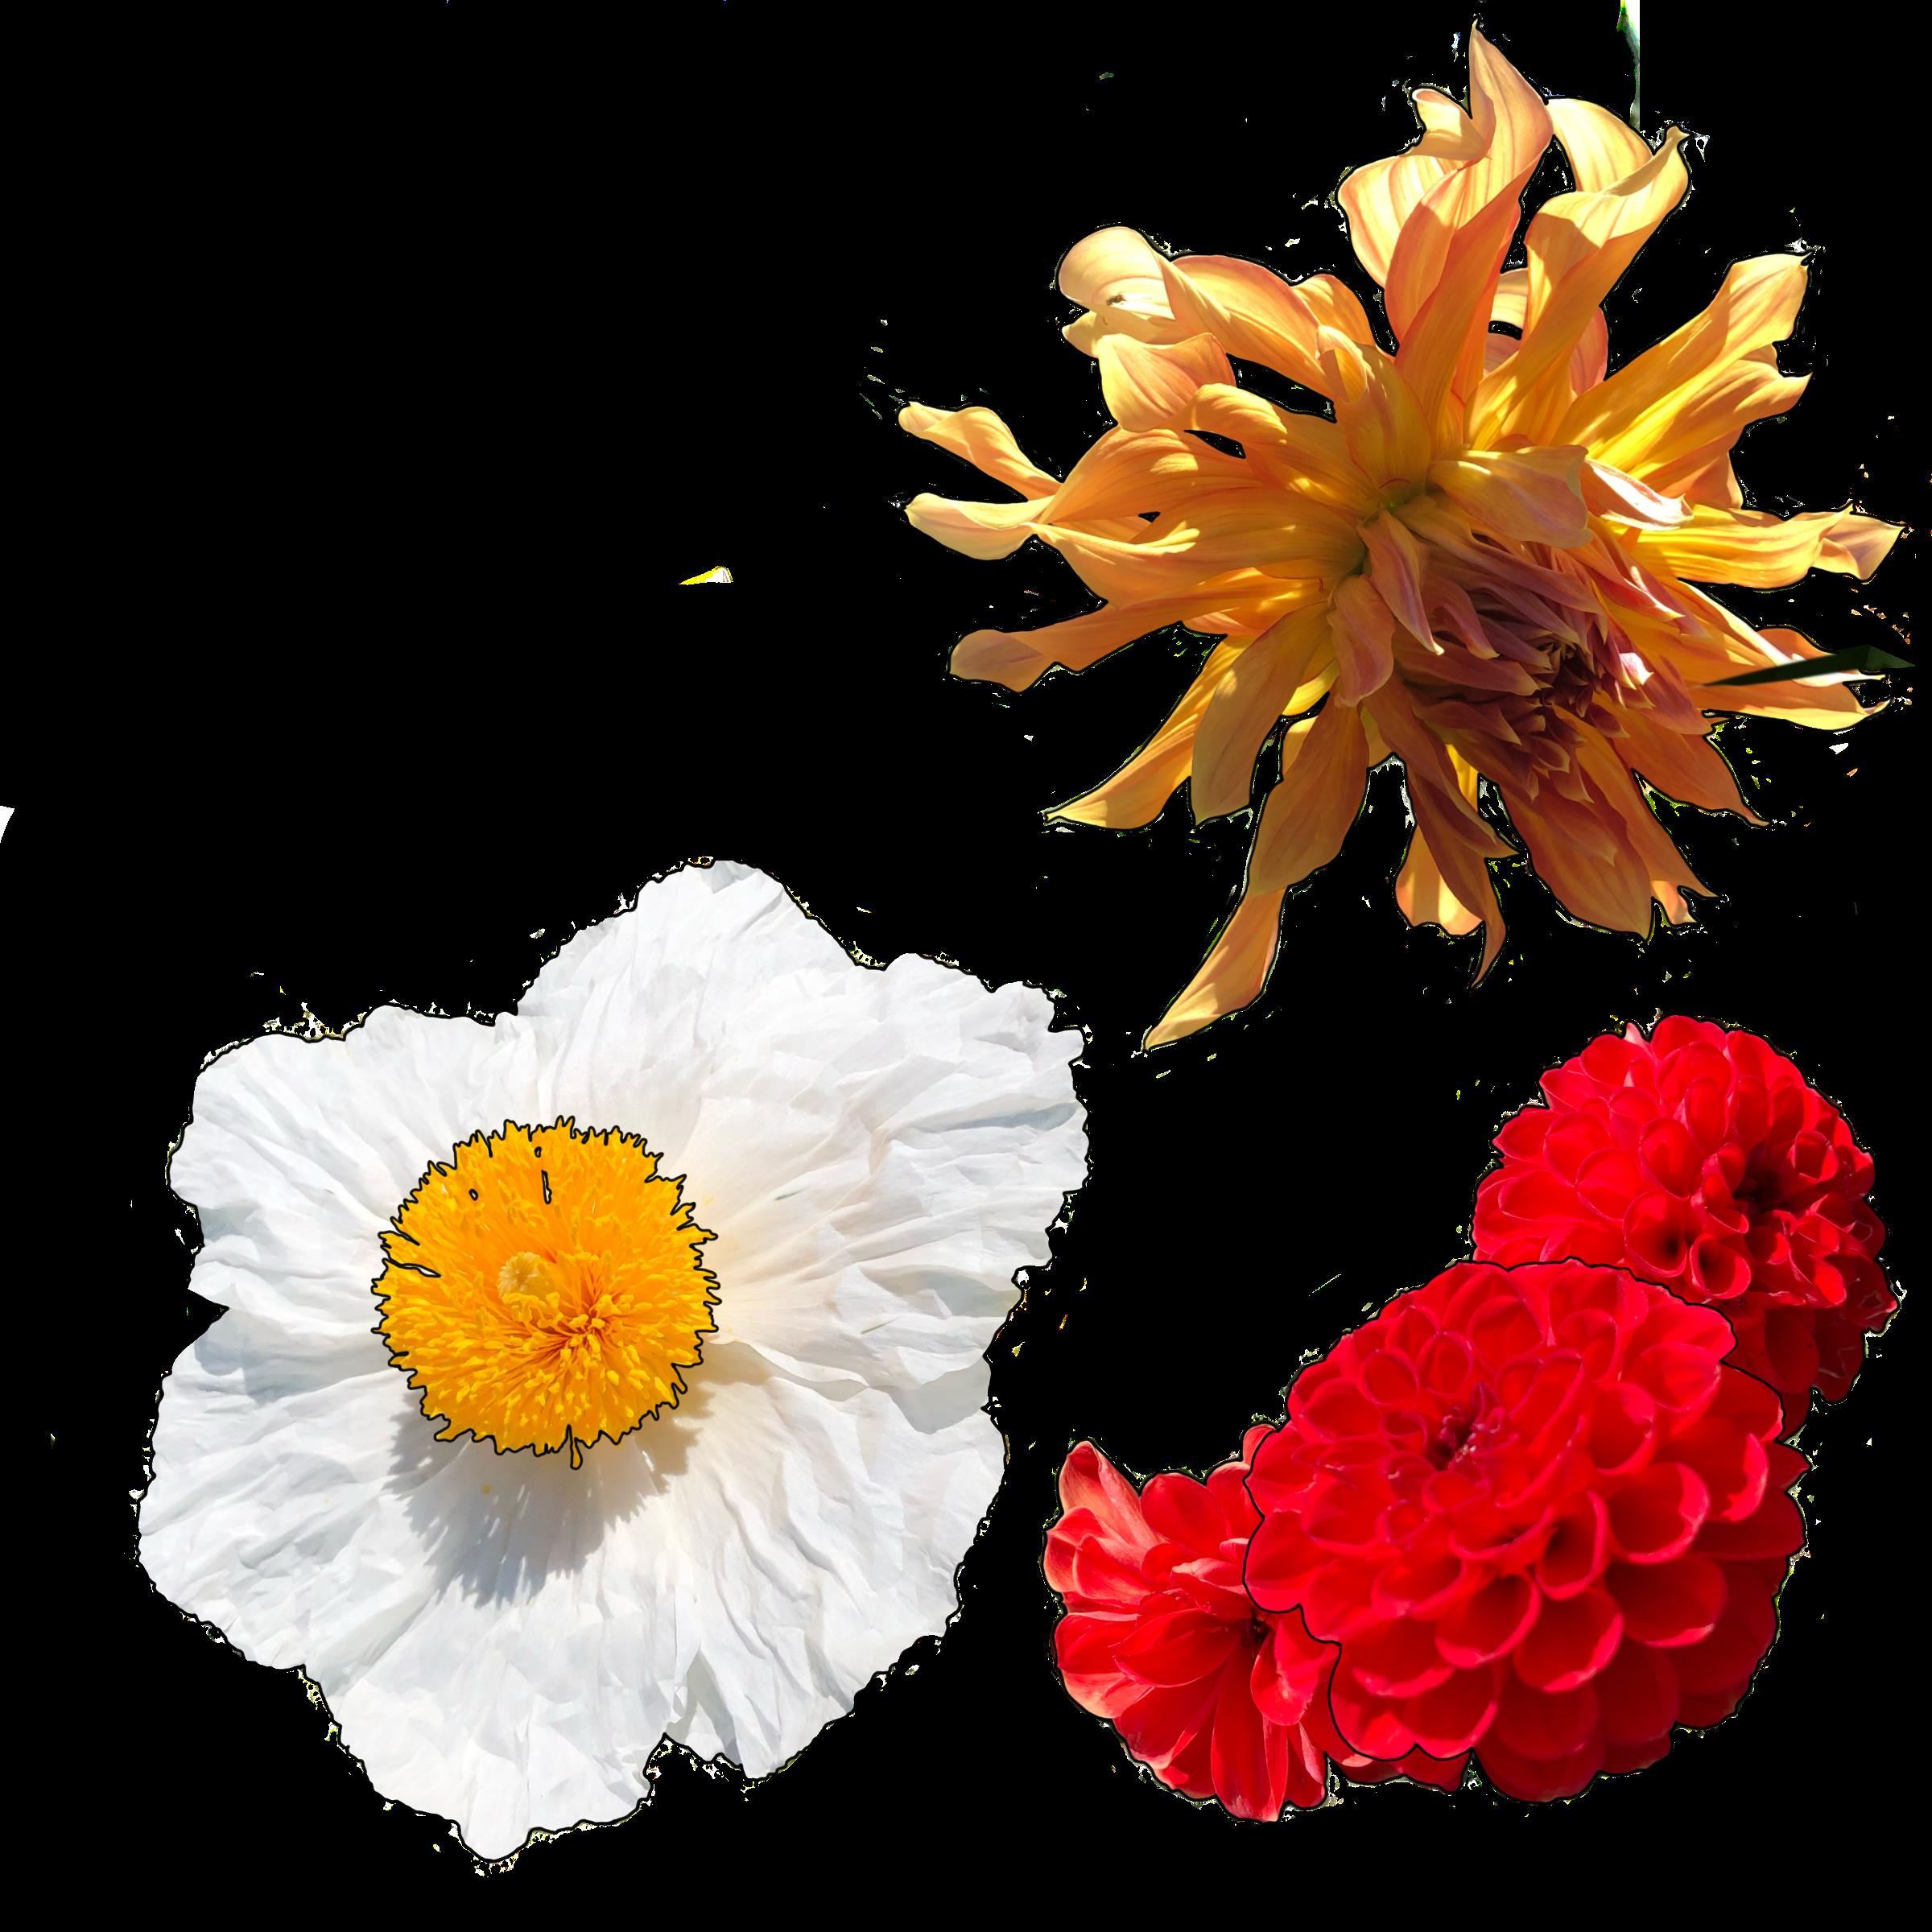 jordan_kushins_flora1.png